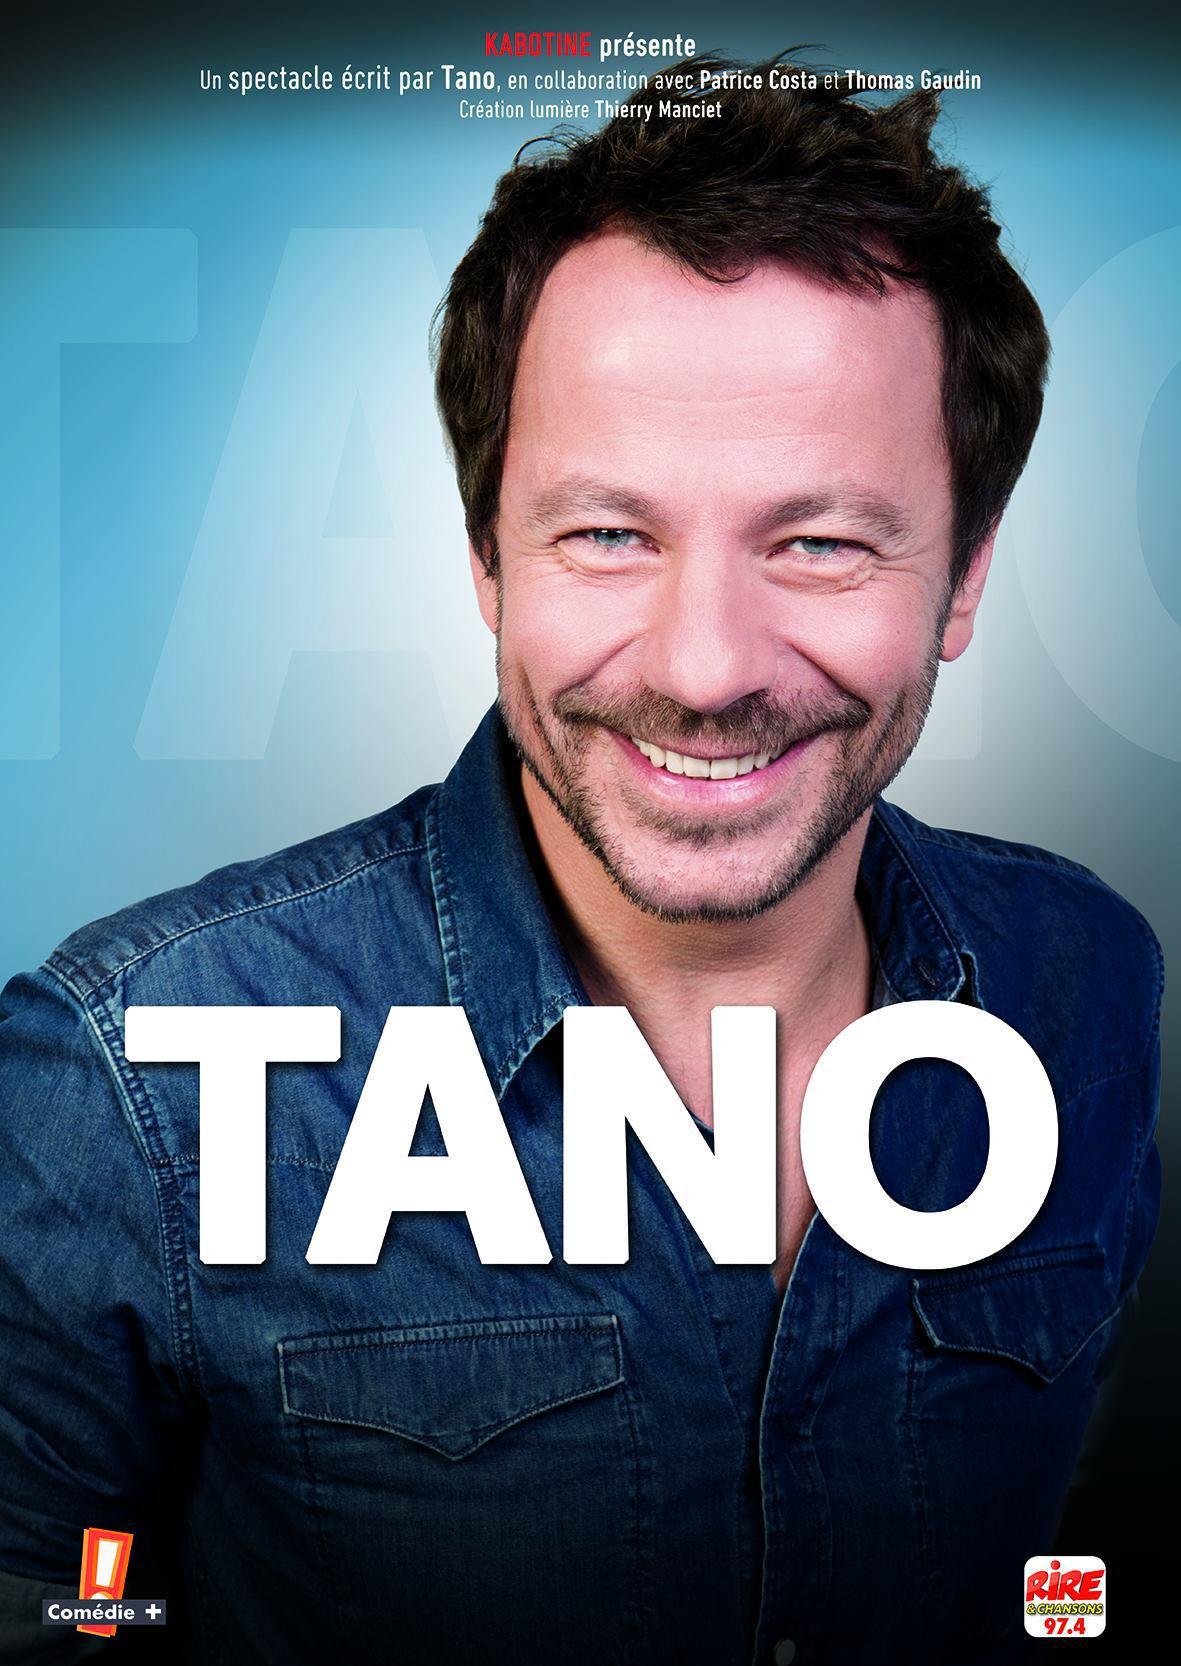 TANO - EN SPECTACLE TOULON